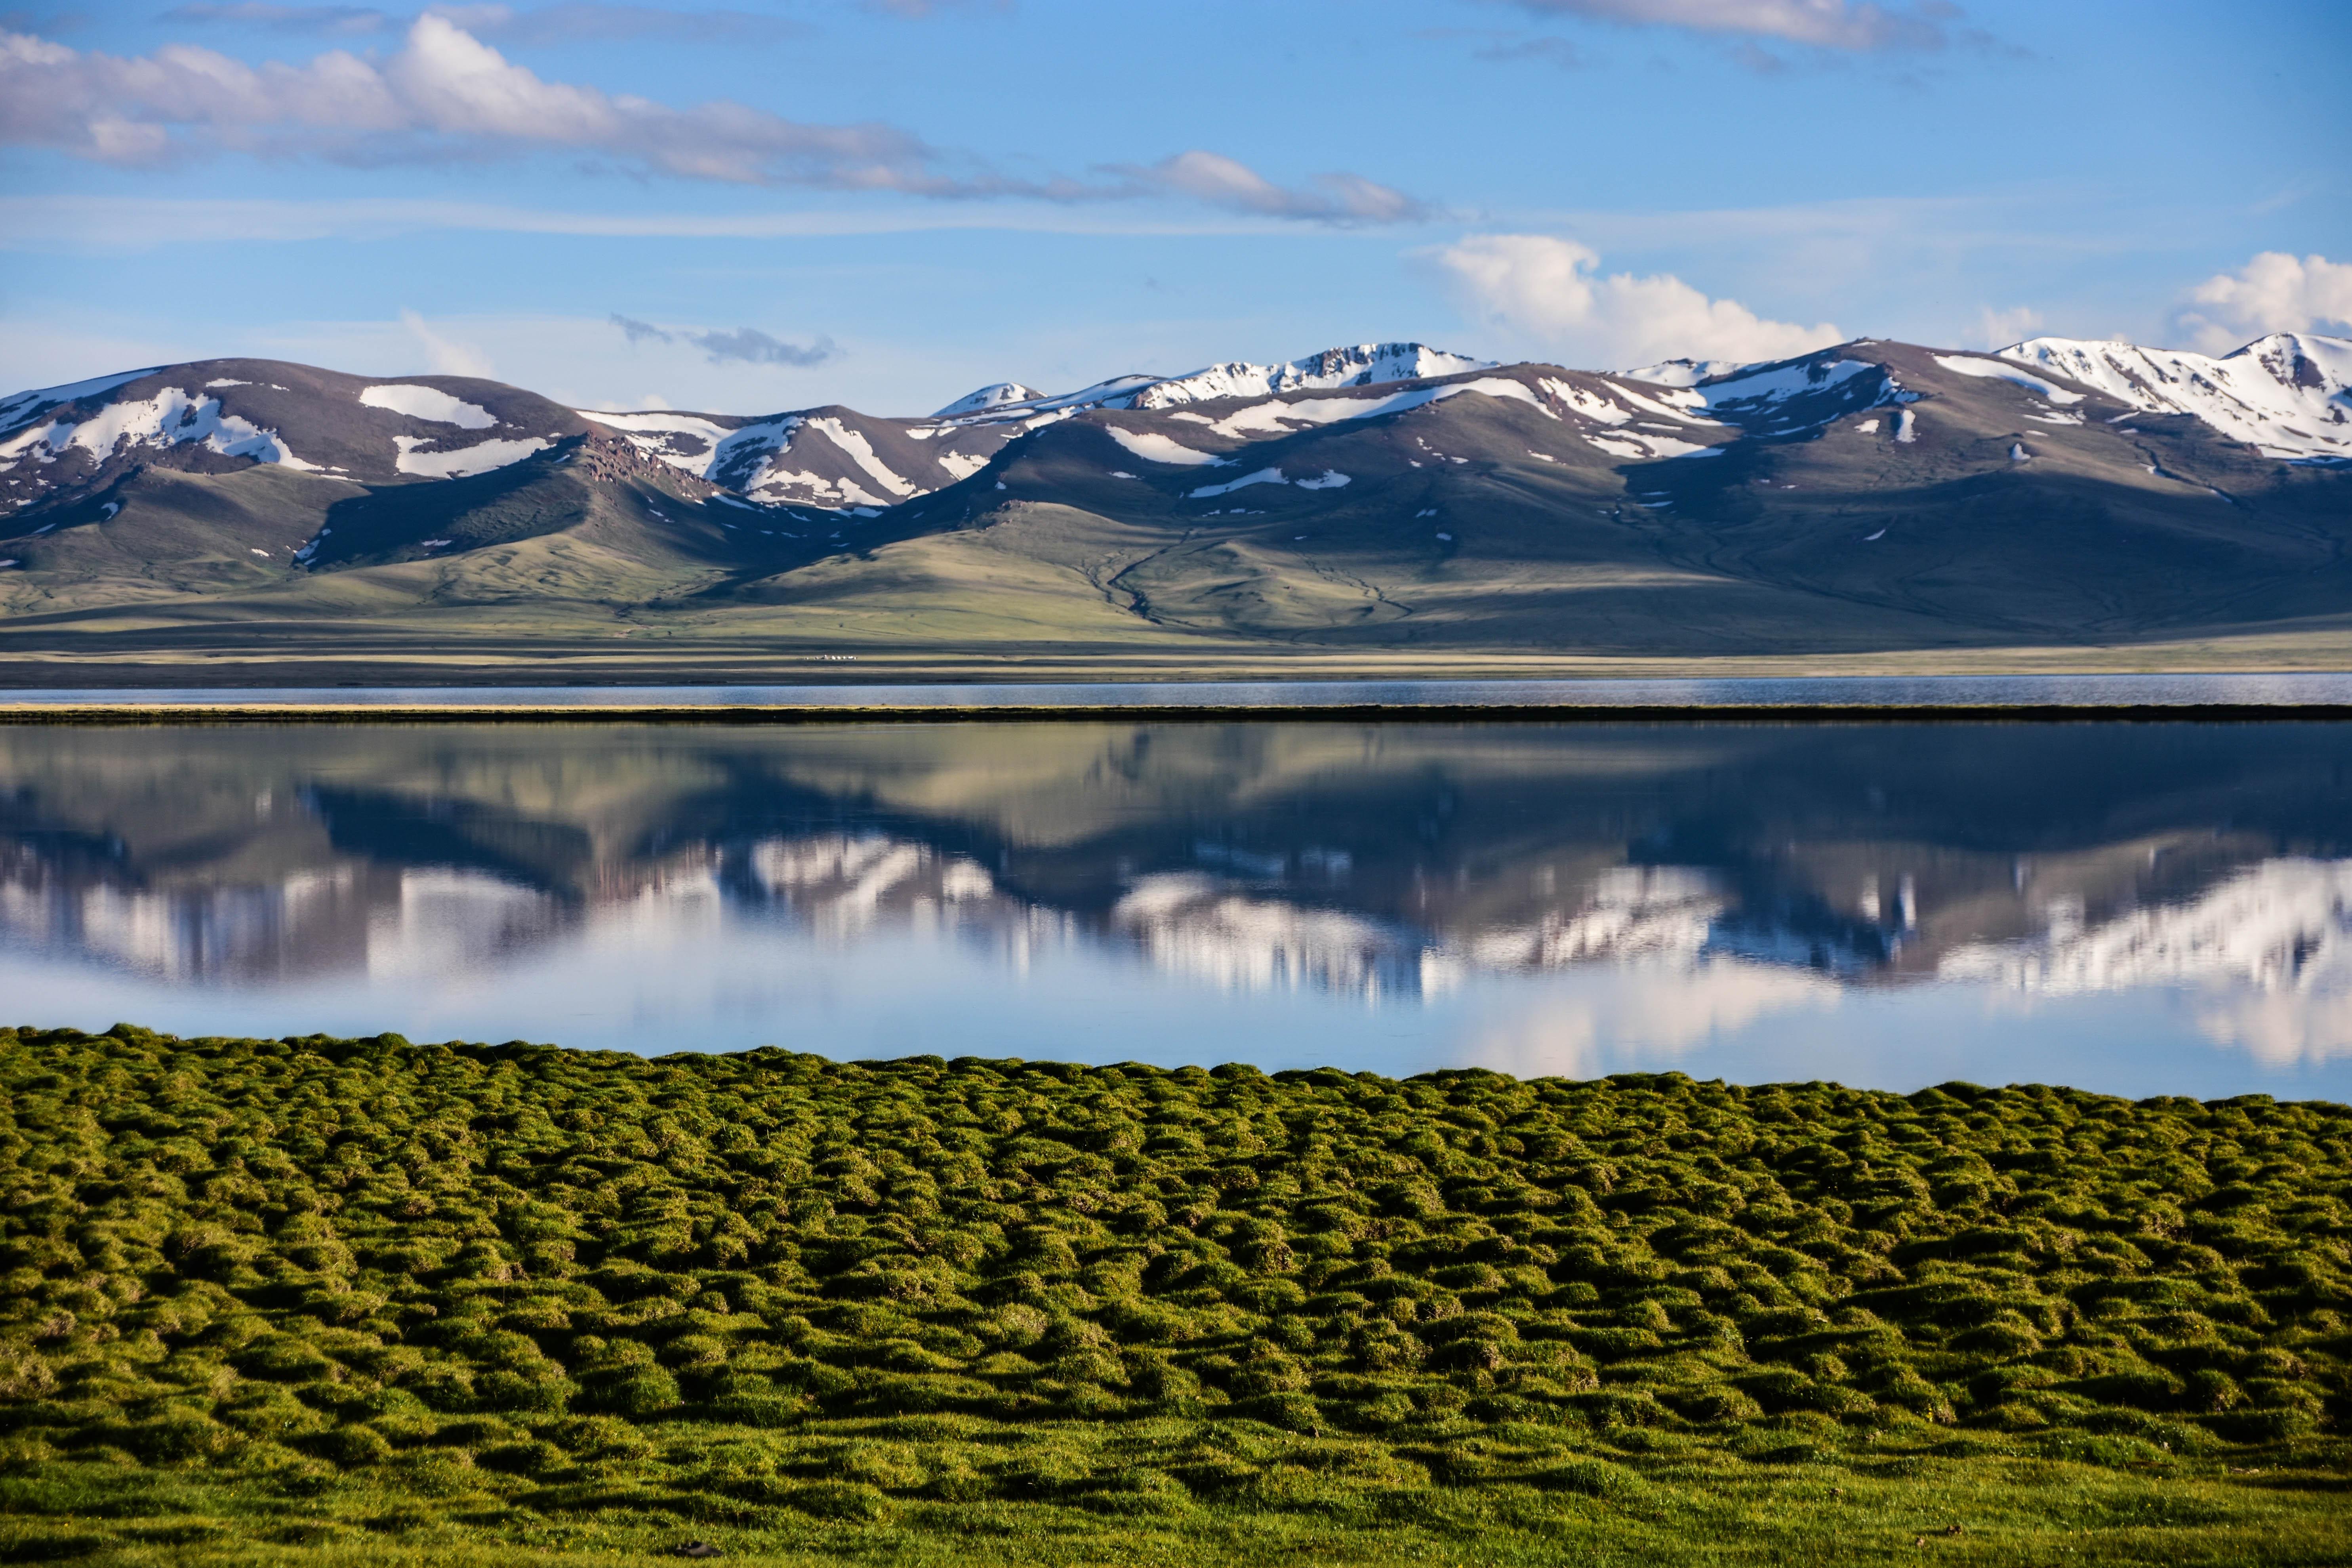 CoverMore_Lisa_Owen_Kyrgyzstan_Song Kul_Mountain Reflections